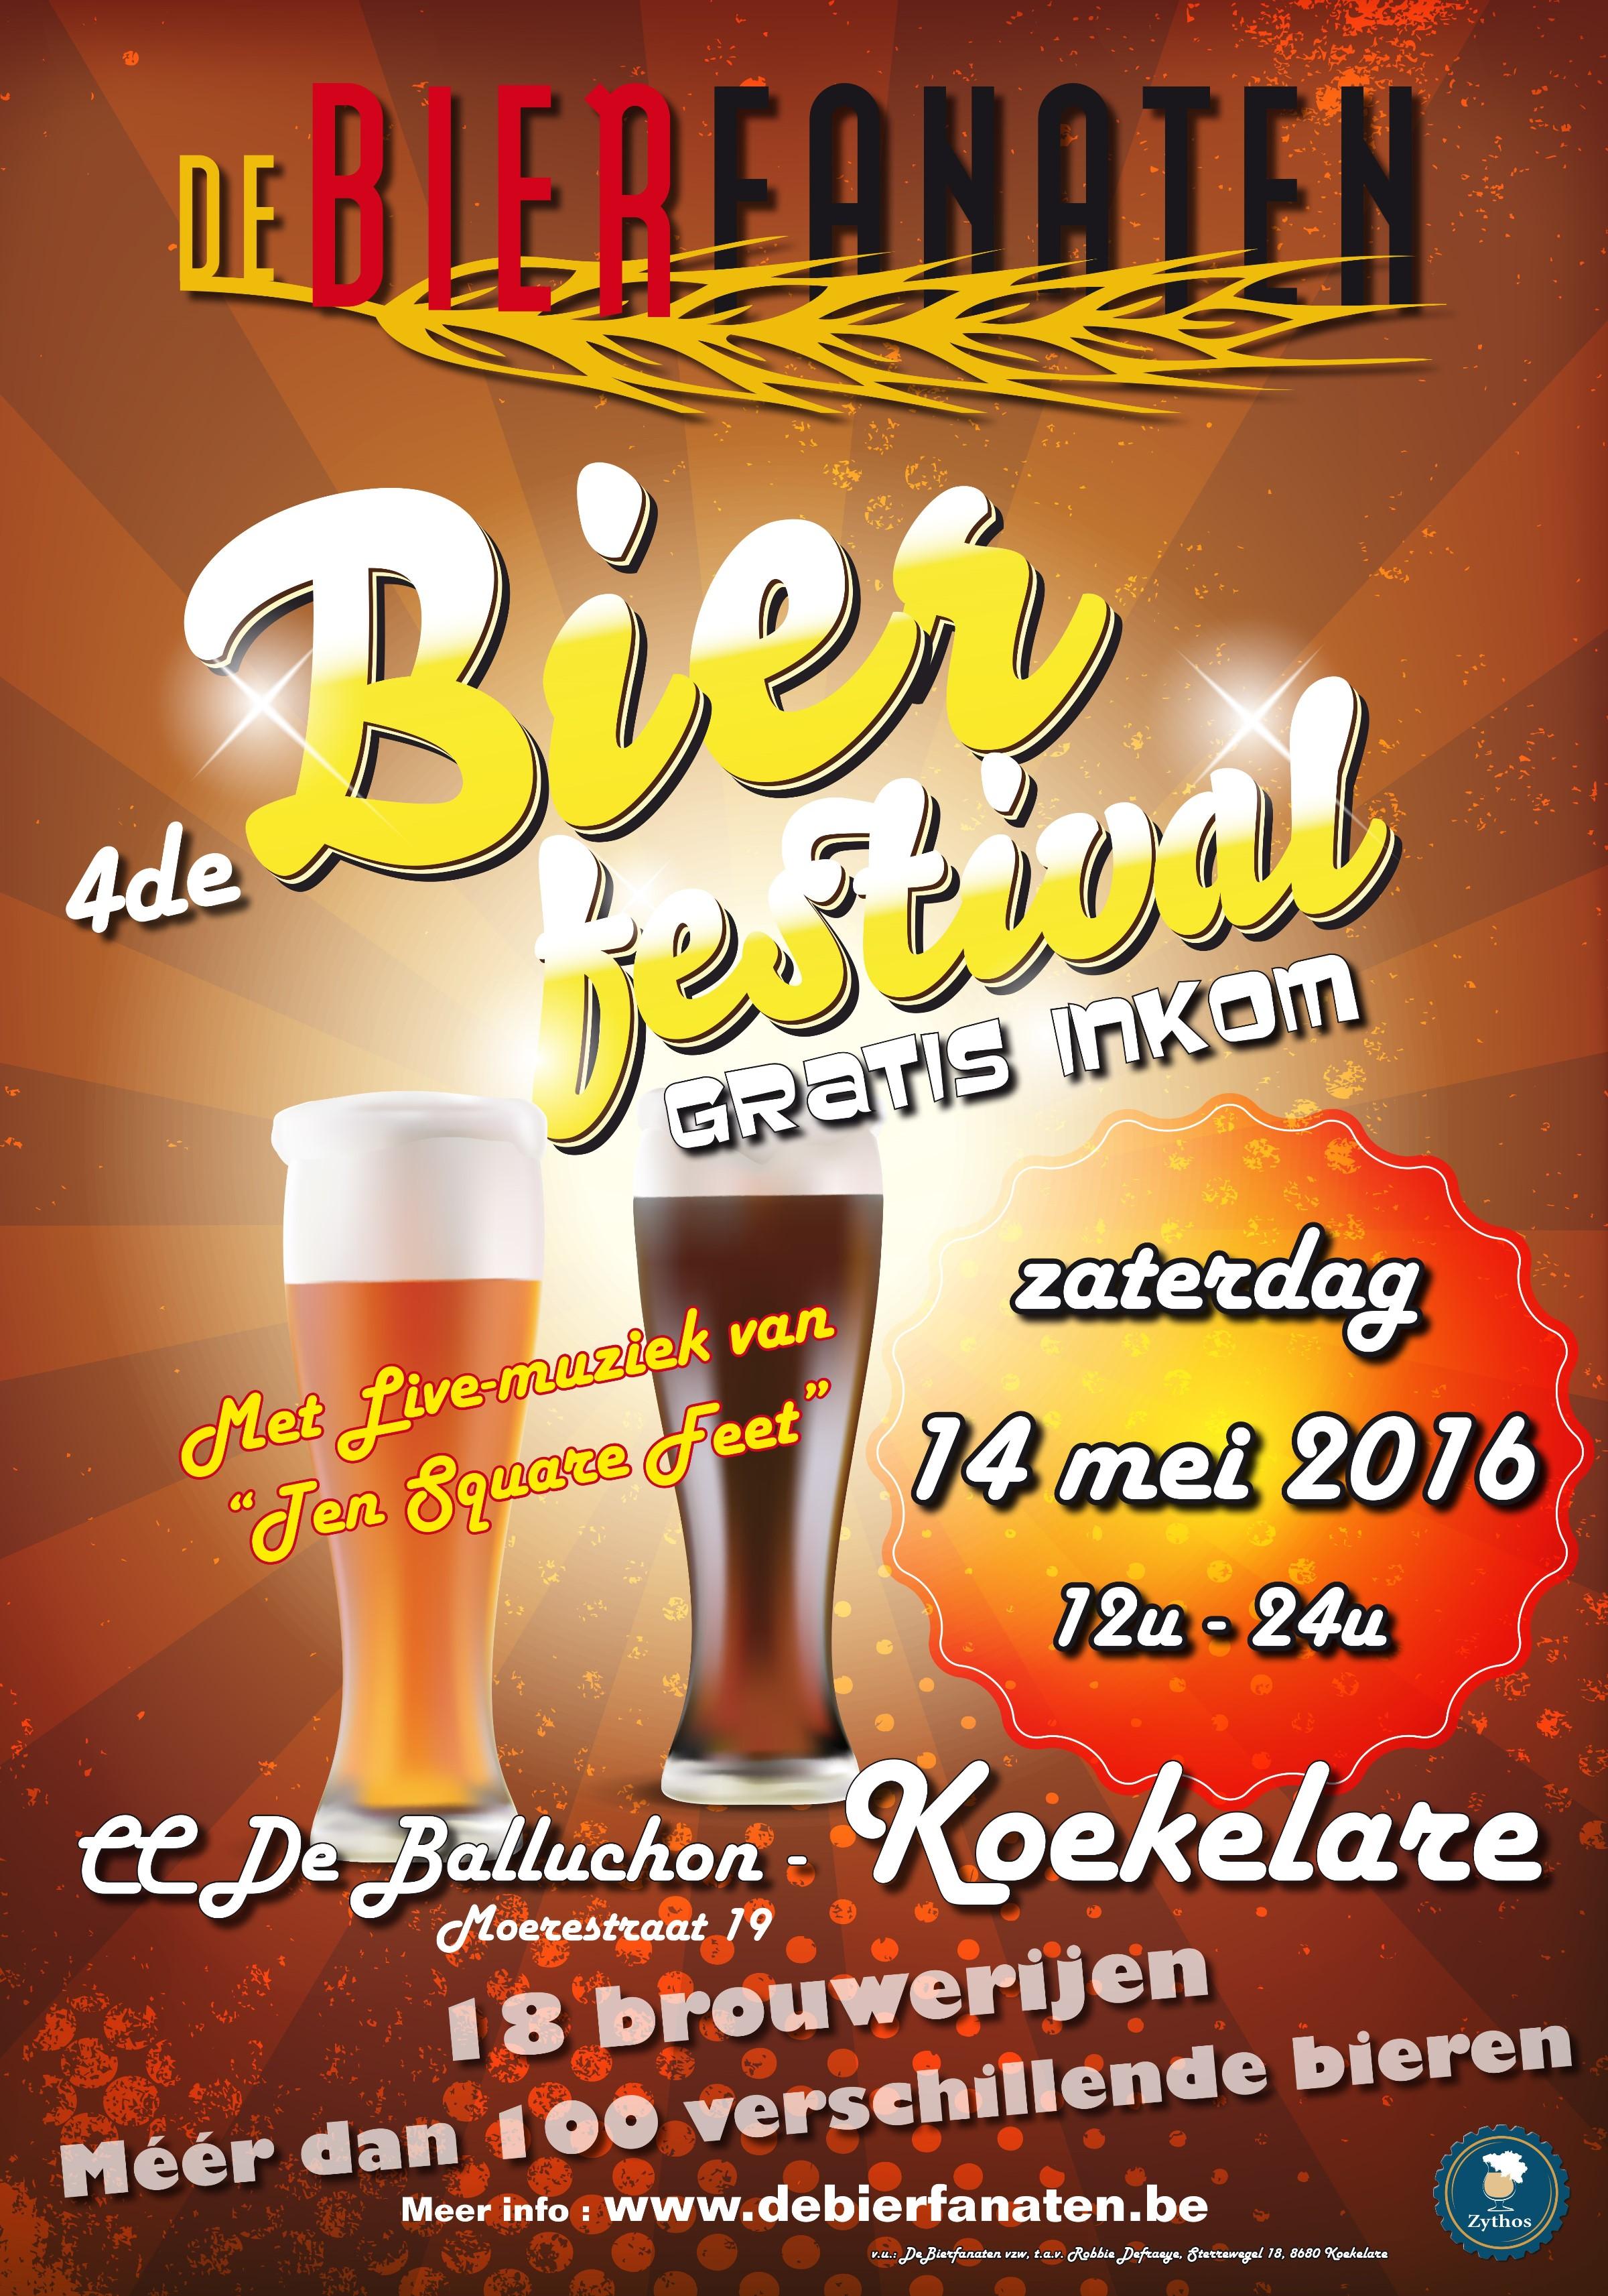 vzw De Bierfanaten Bierfestival 2016